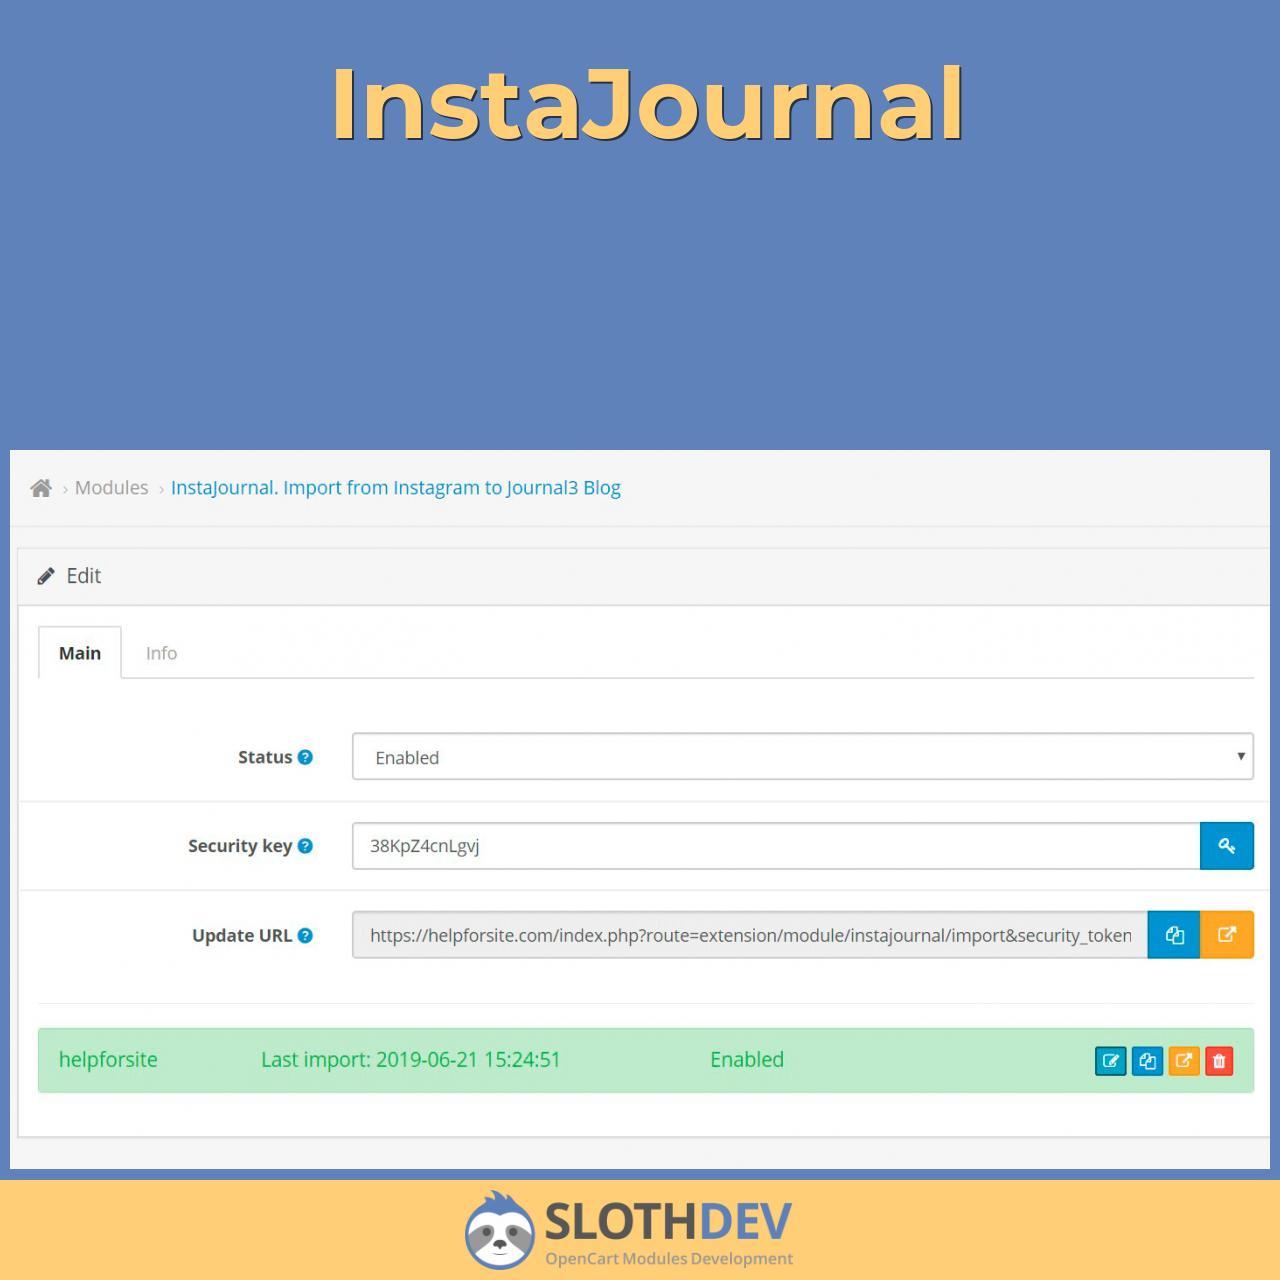 InstaJournal